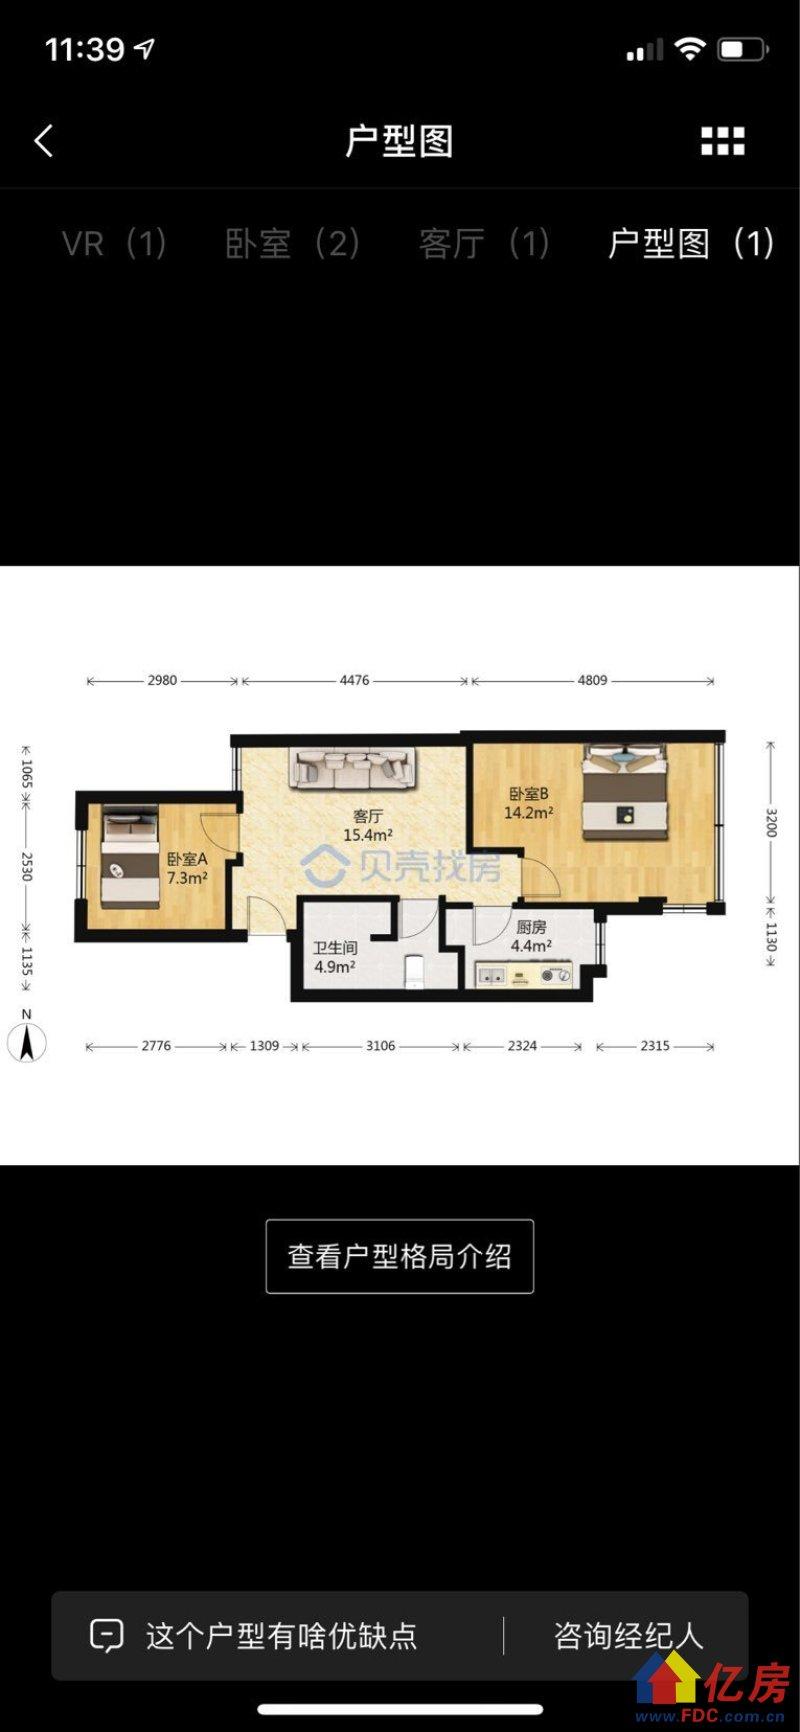 金门社区小两房 地铁口 管道气(陪读),武汉江岸区台北香港路球场路97号二手房2室 - 亿房网